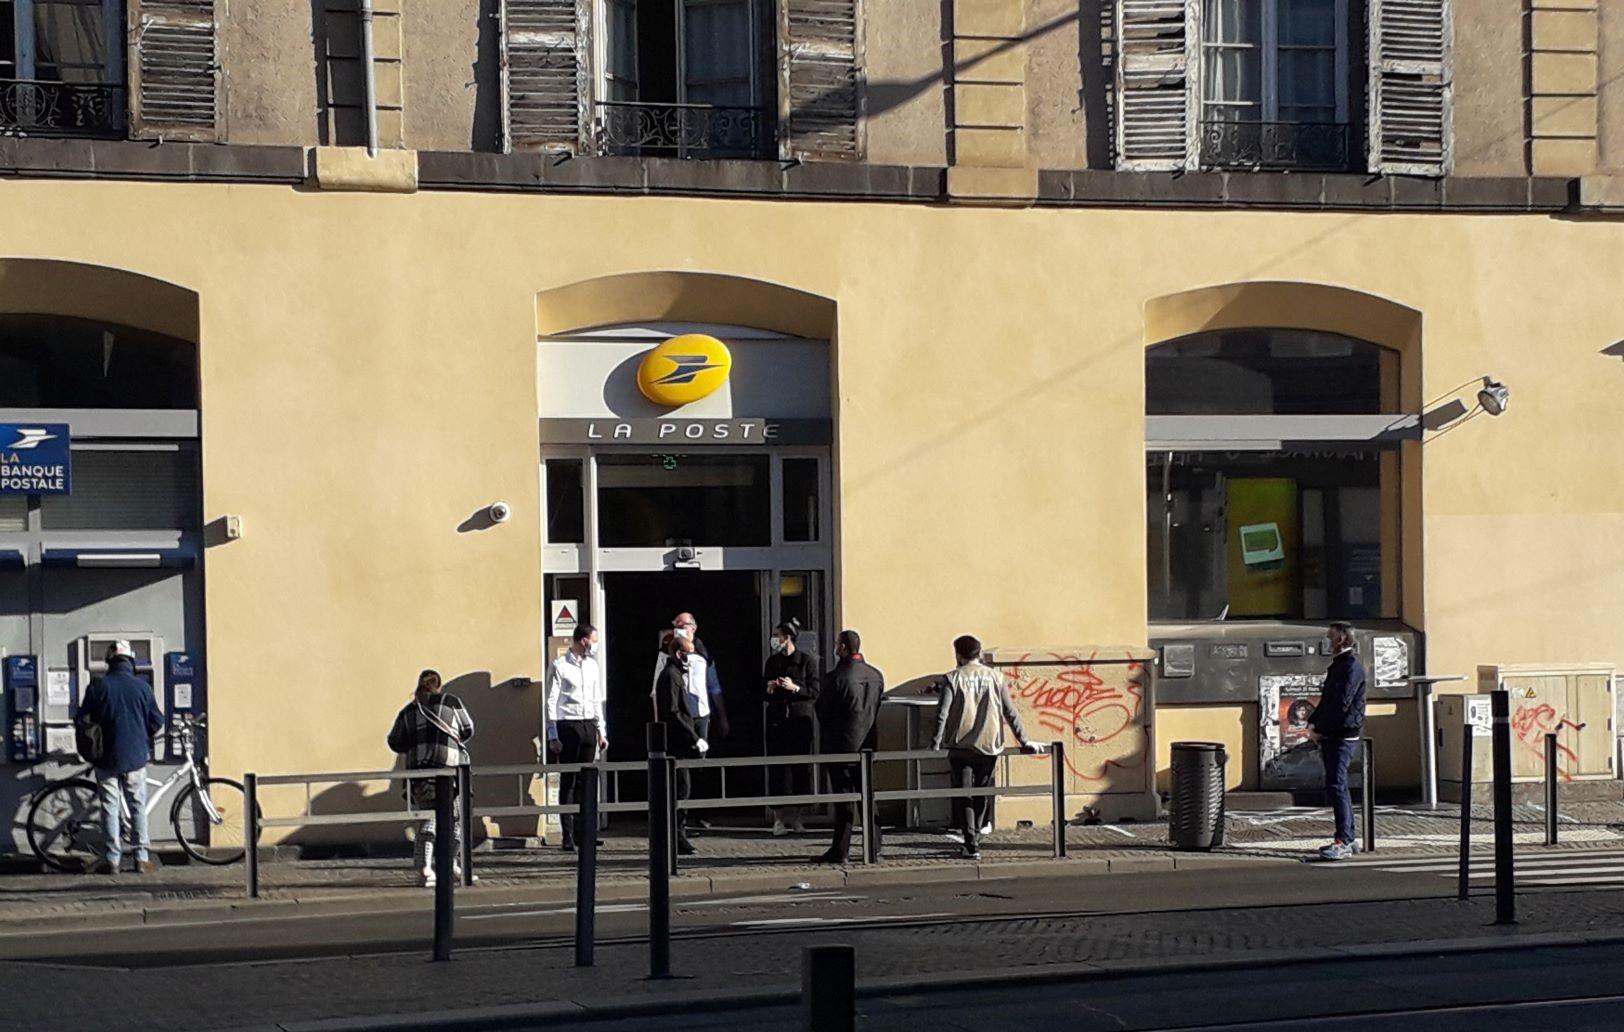 Le Bureau De Poste De La Place Gaillard Ferme Entre Le 17 Septembre Et Le 5 Novembre 7 Jours A Clermont